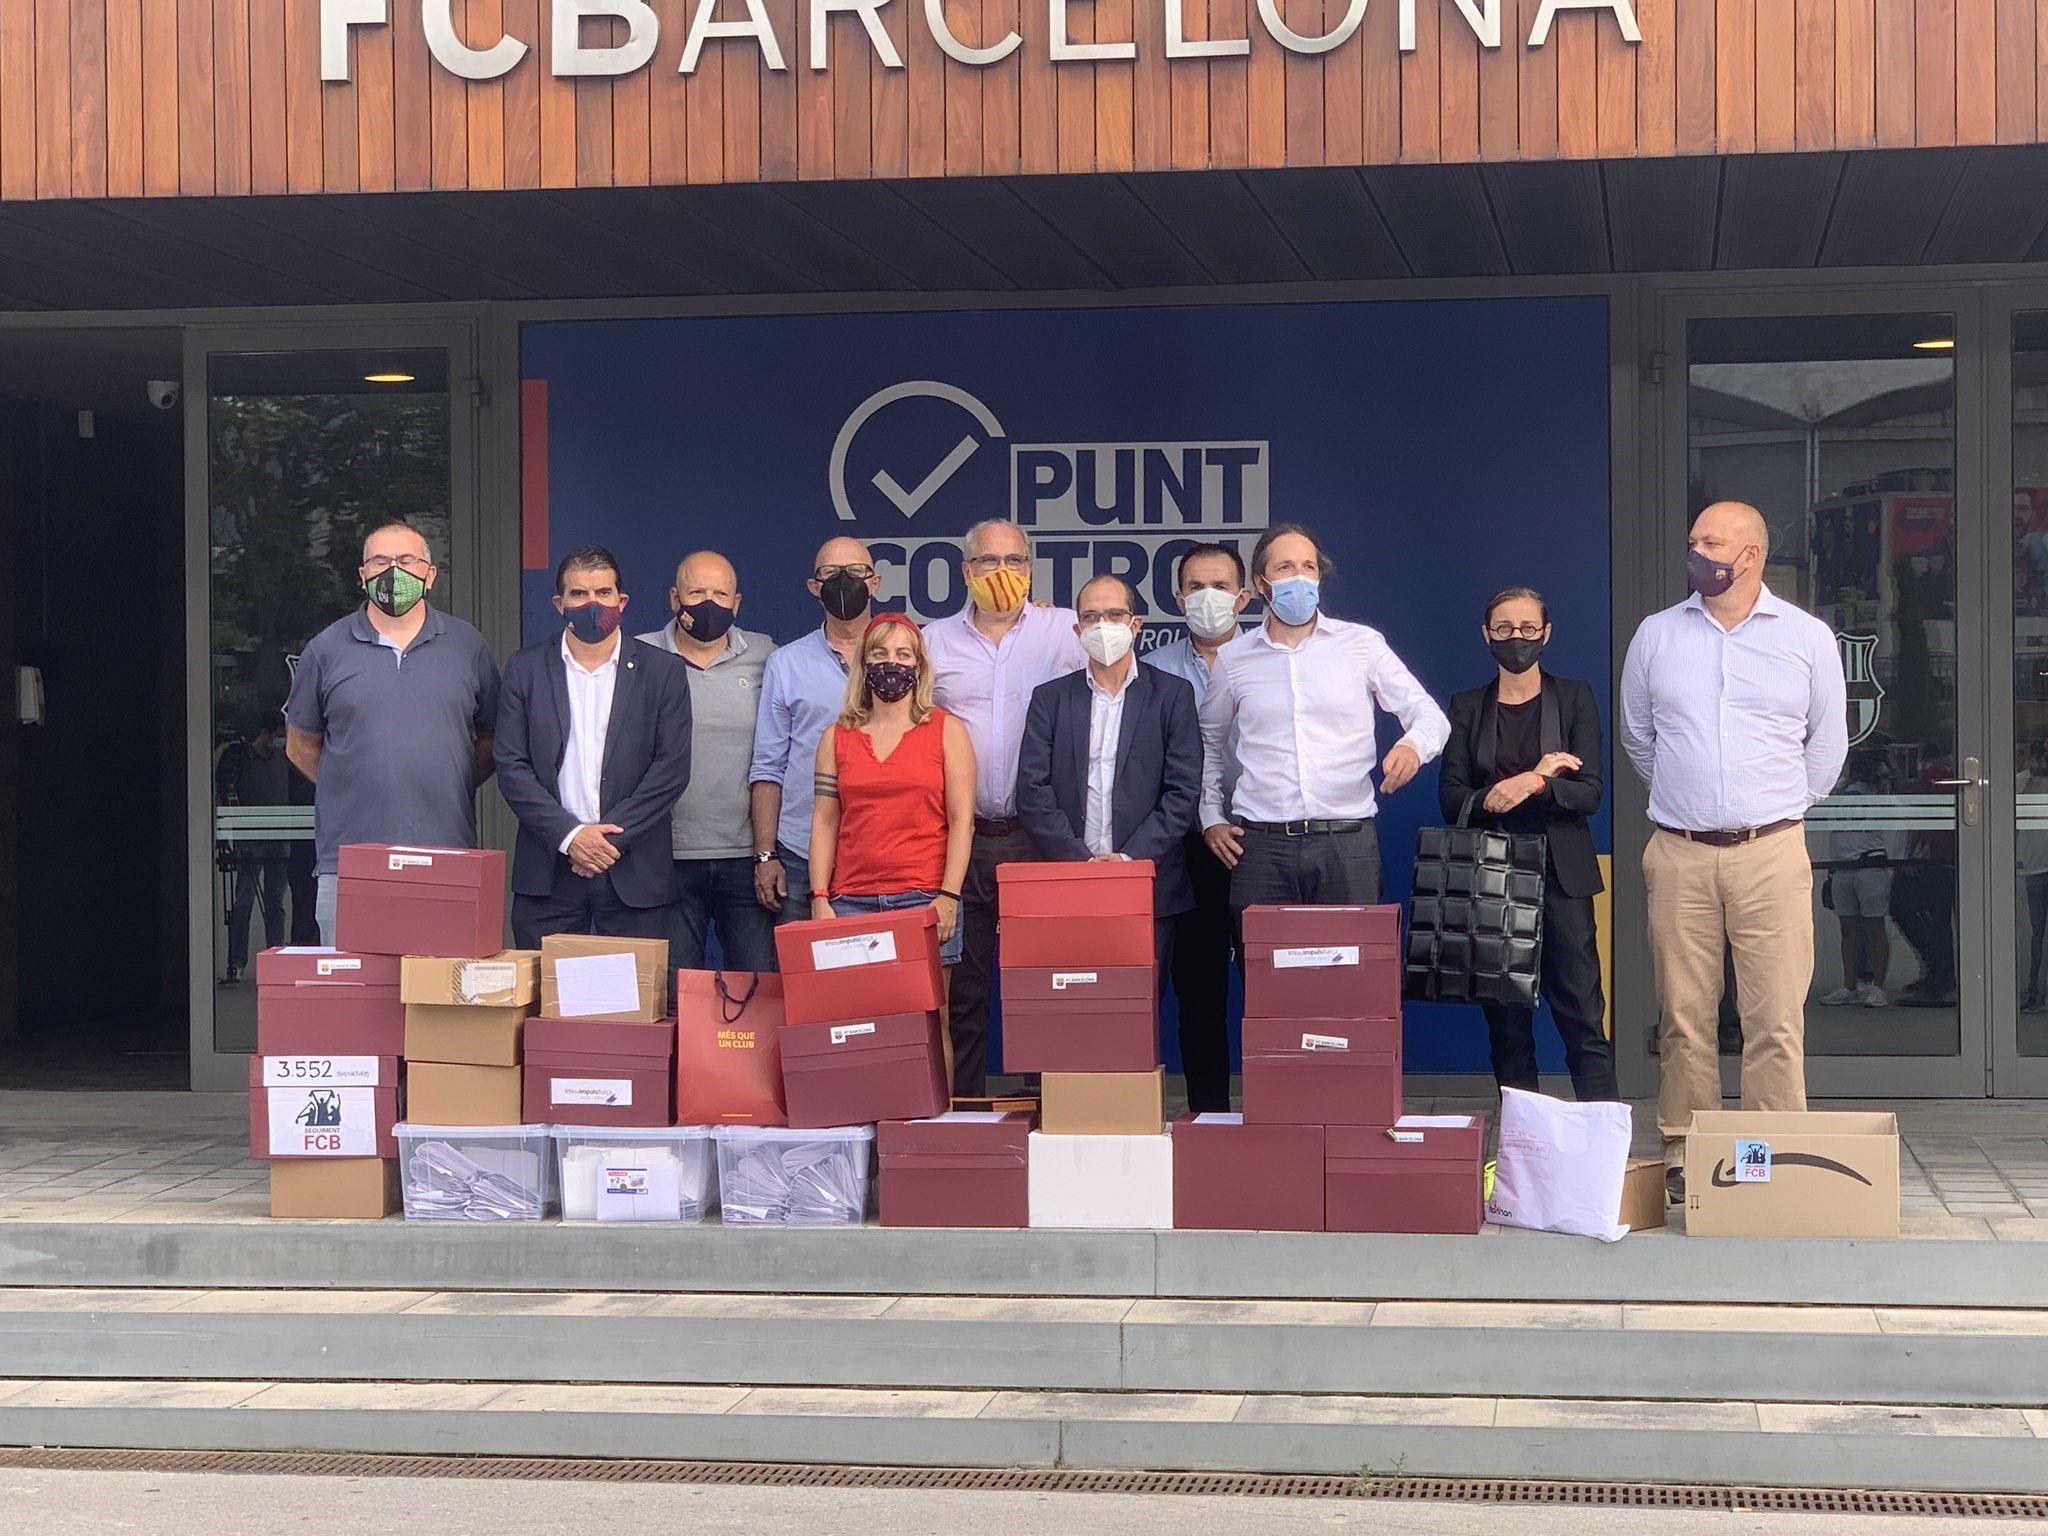 Los promotores de la moción de censura al presidente del FC Barcelona, Josep Maria Bartomeu, y su Junta Directiva, entregaron las firmas necesarias para emprender el voto de censura